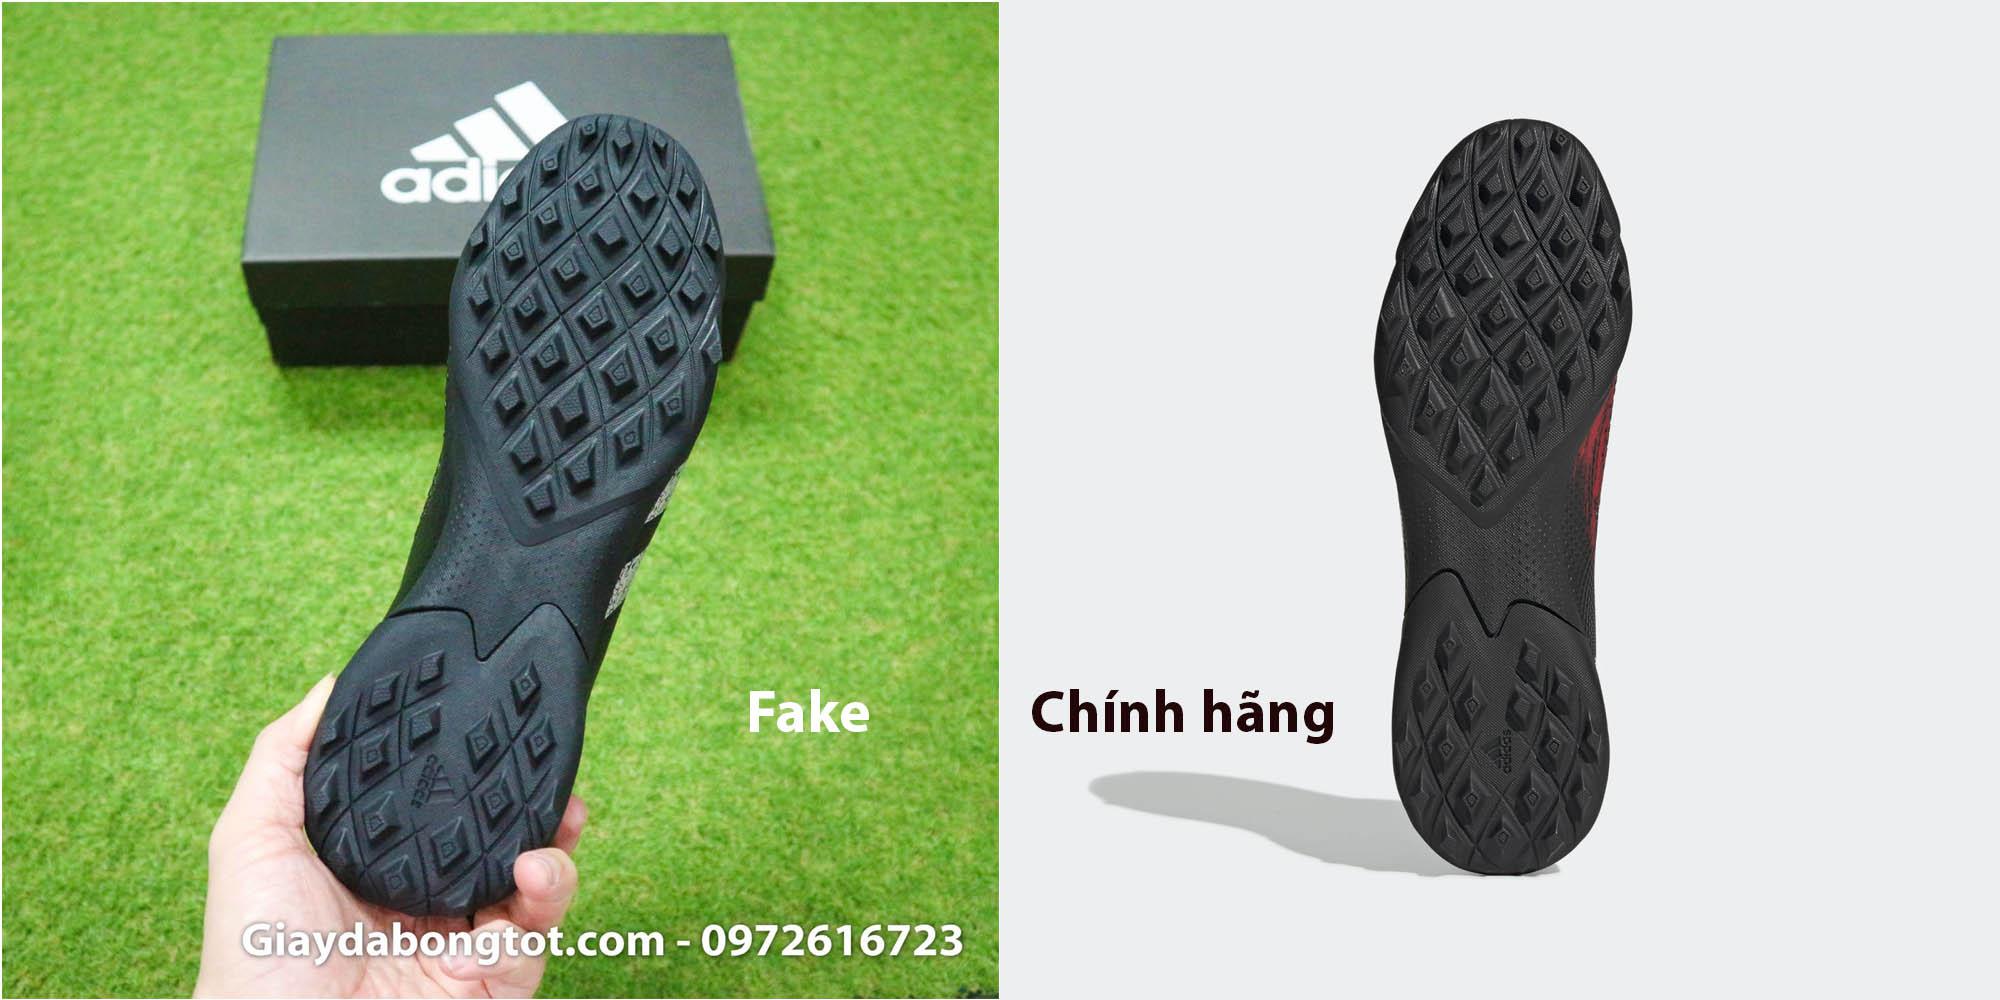 Thiết kế đế giày Adidas Predator 20.3 TF Fake và chính hãng rất giống nhau nhưng lại khác nhau về độ mềm